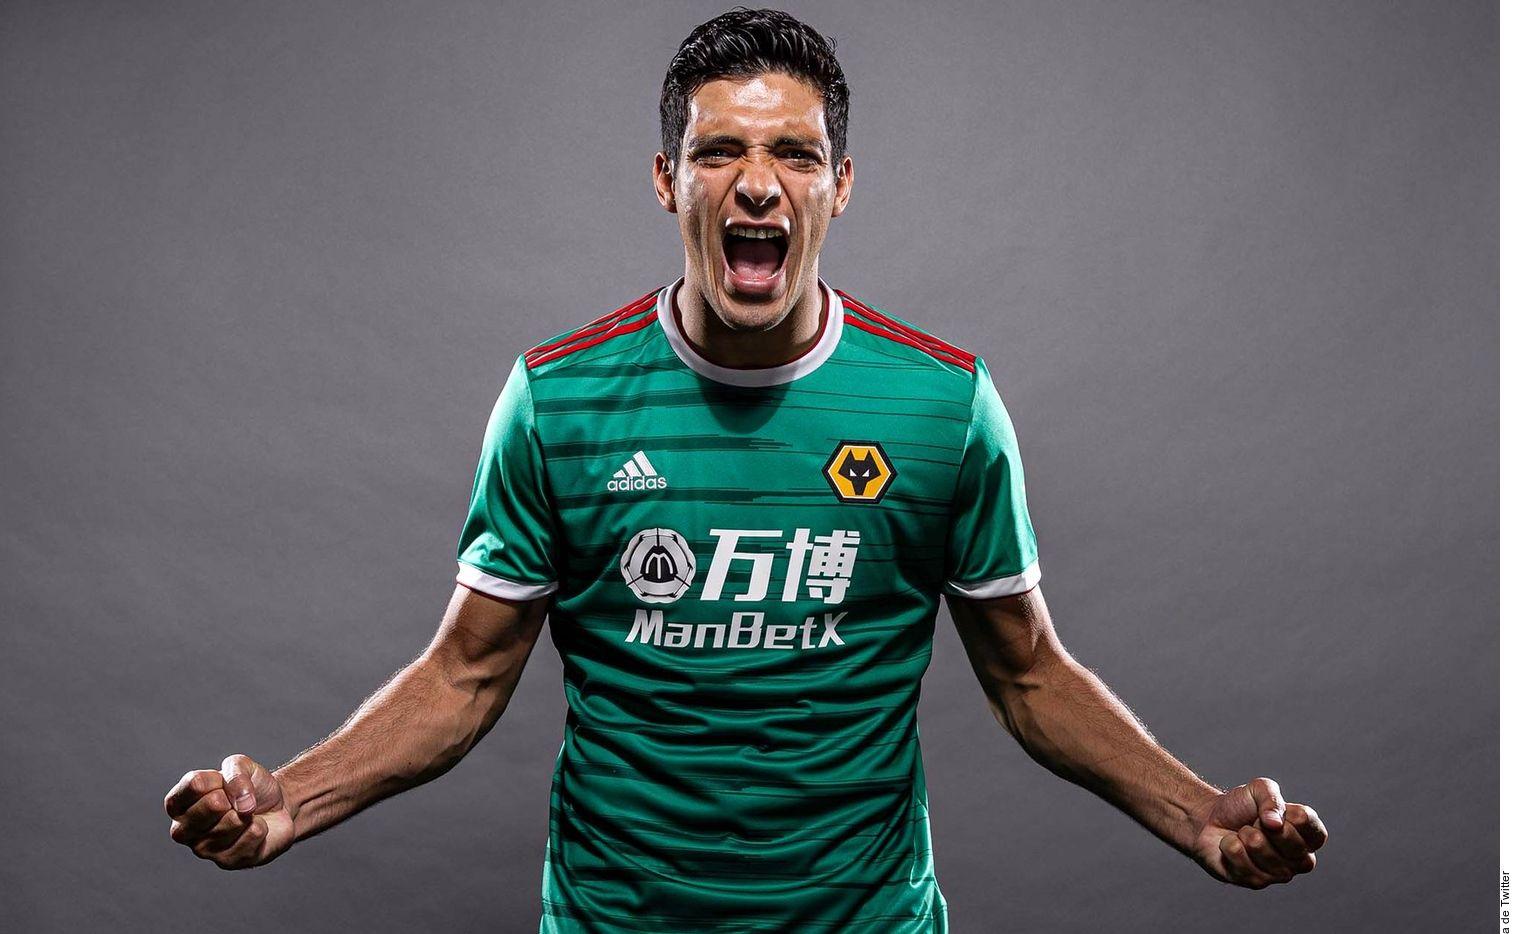 Wolverhampton Wanderers F.C. tiene jersey similar al de la selección mexicana.